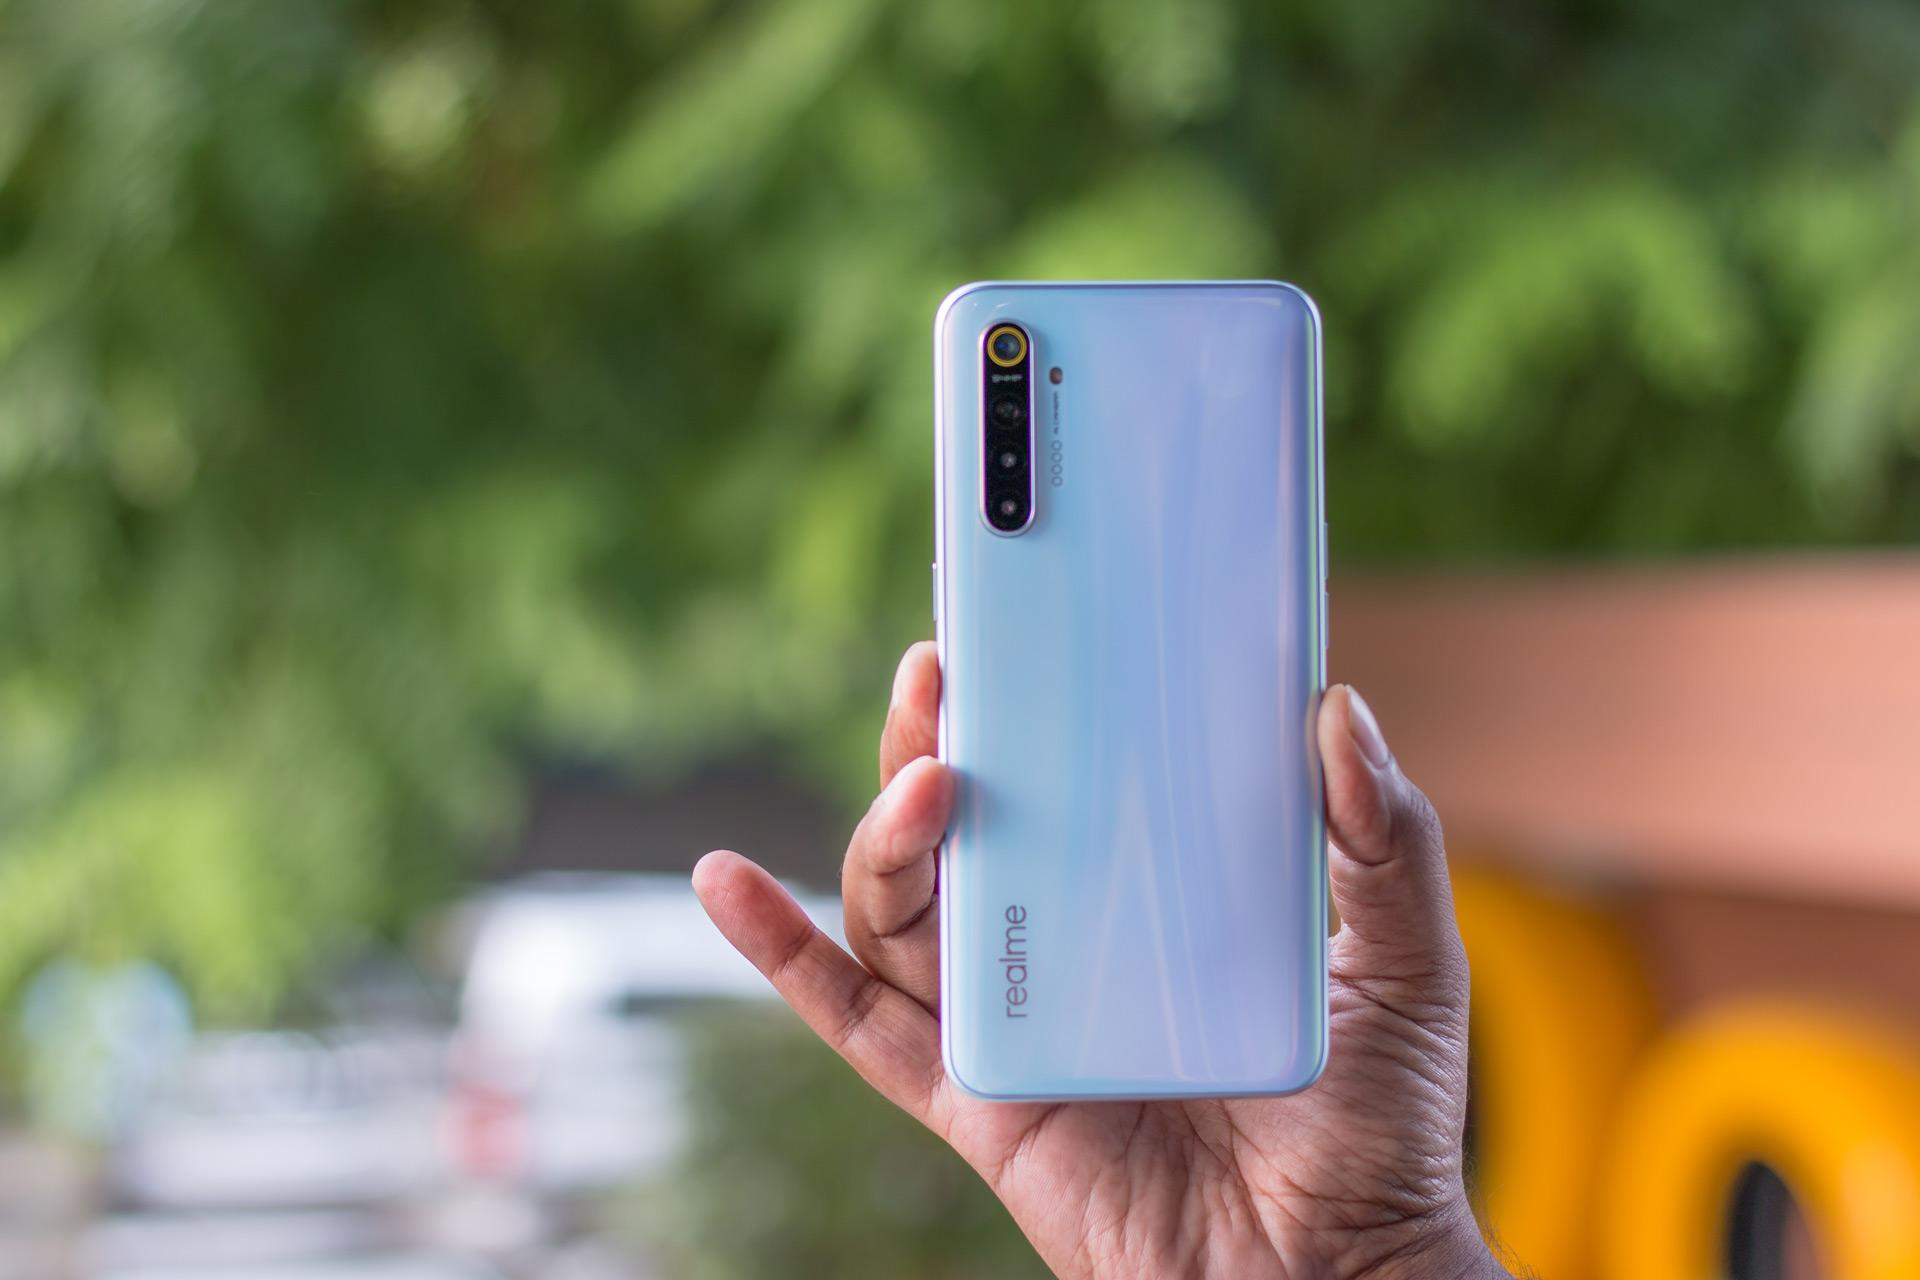 Китайская компания Realme уже начала тизерить достоинства первого смартфона флагманского уровня который получил название X2 Pro По предварительным данным премьера